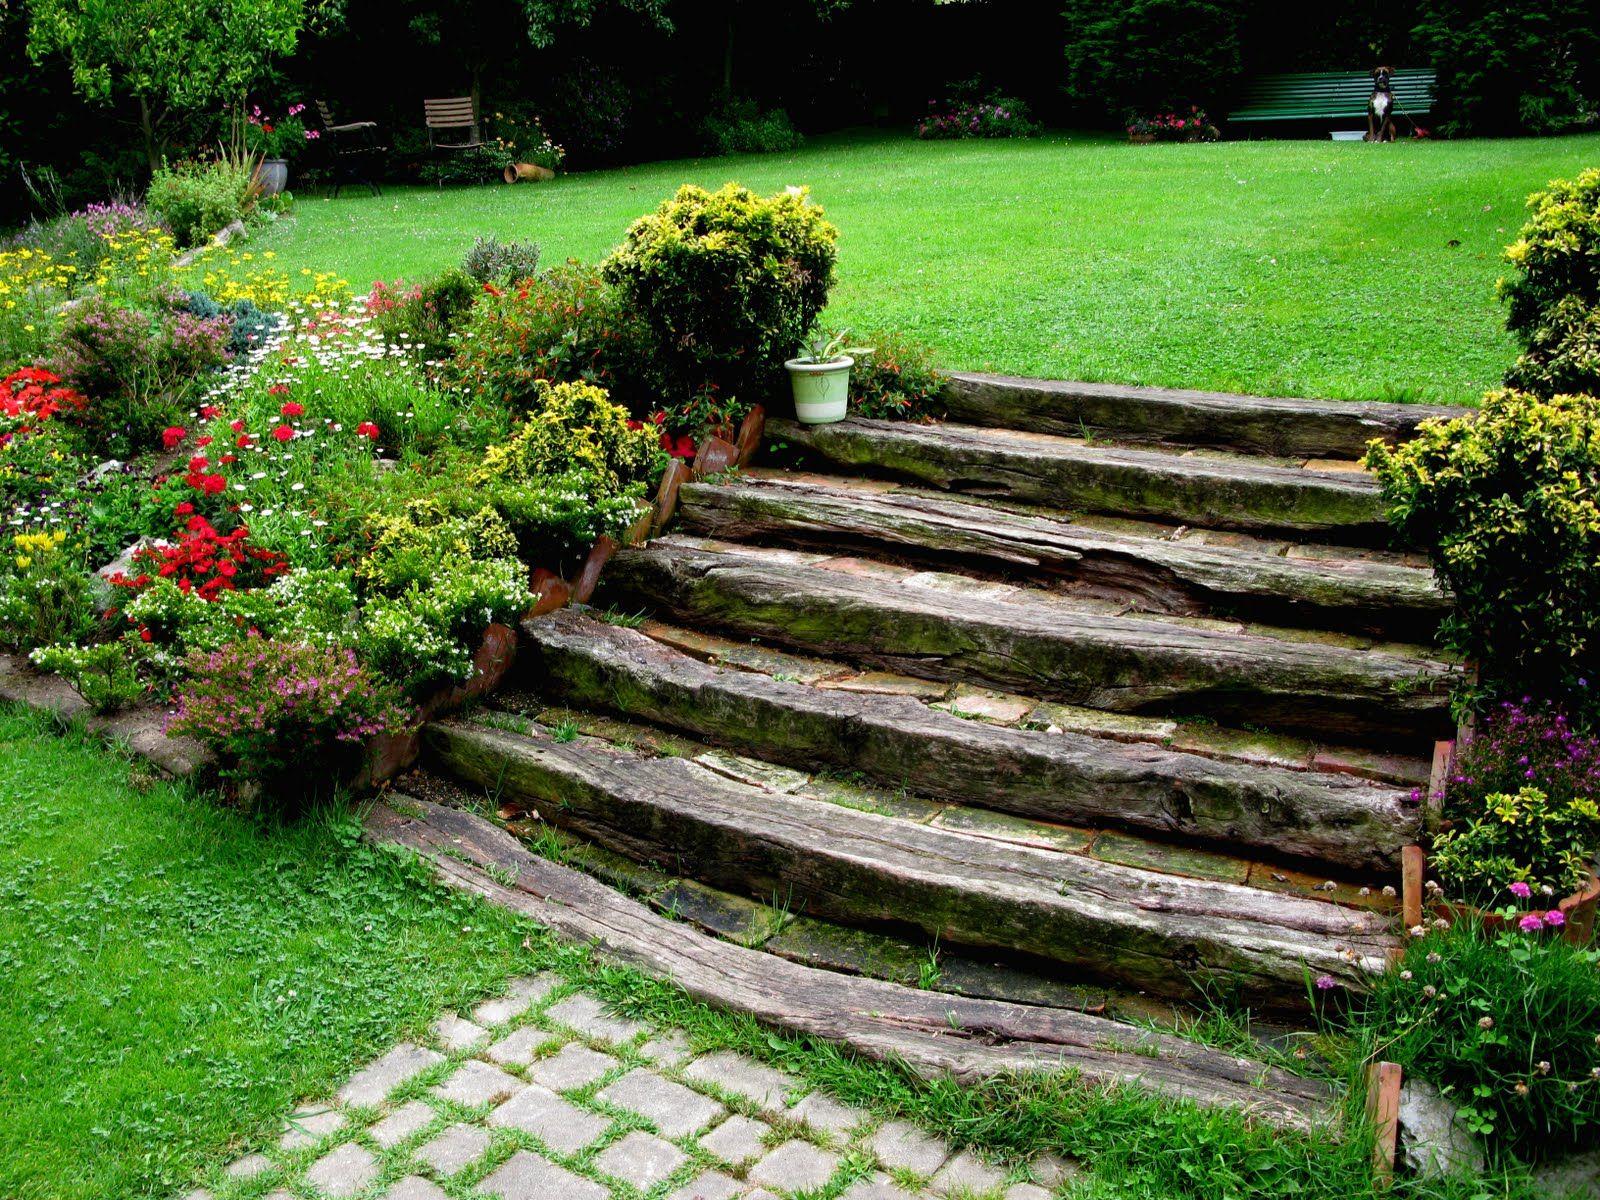 Escaleras de vigas de tren jardiner a pinterest escalera - Vigas de tren ...